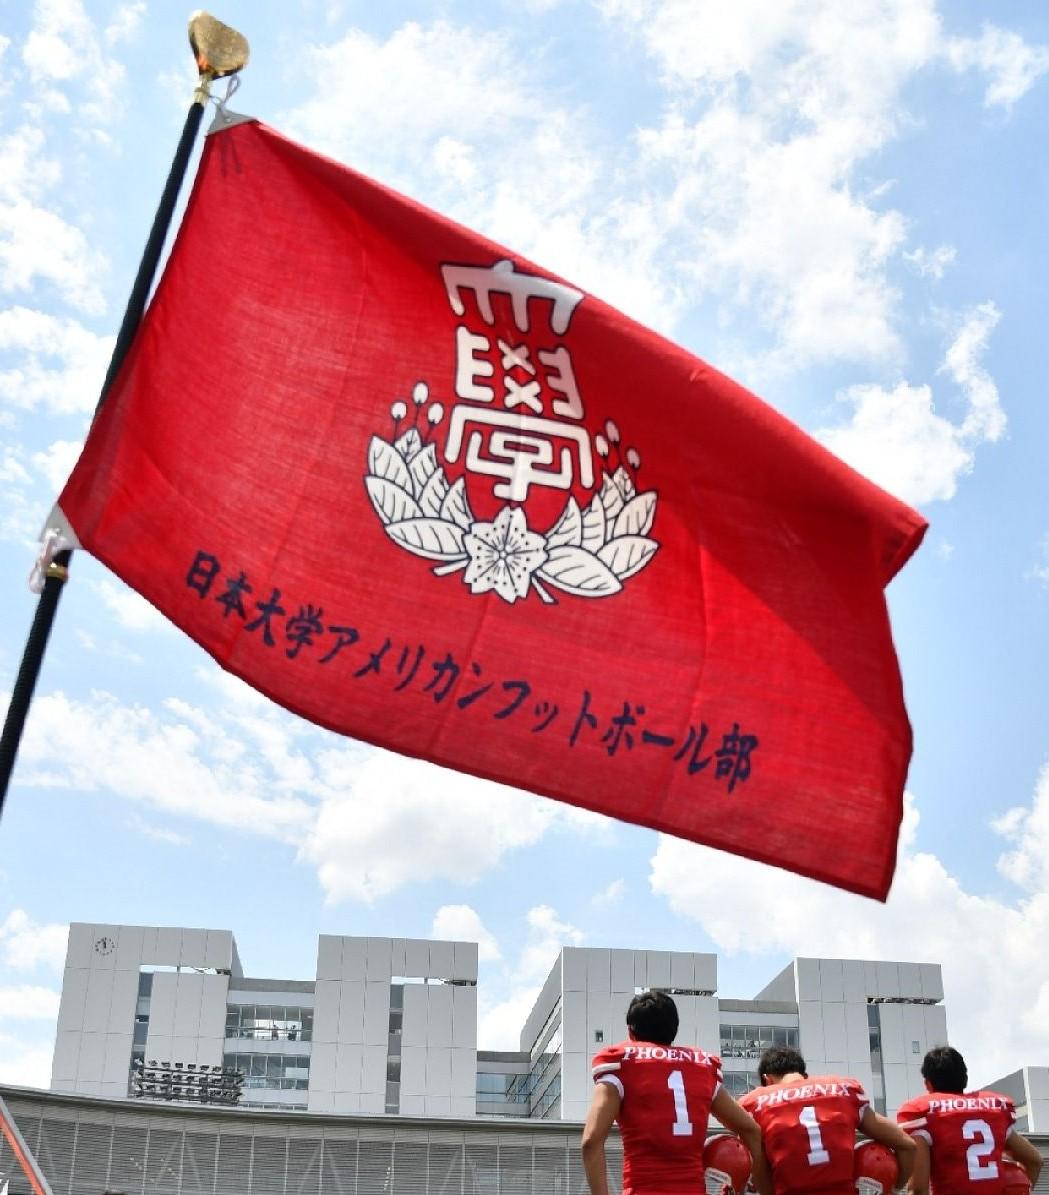 5月の日体大との試合で掲げられた「日大アメリカンフットボール部」の新しい部旗